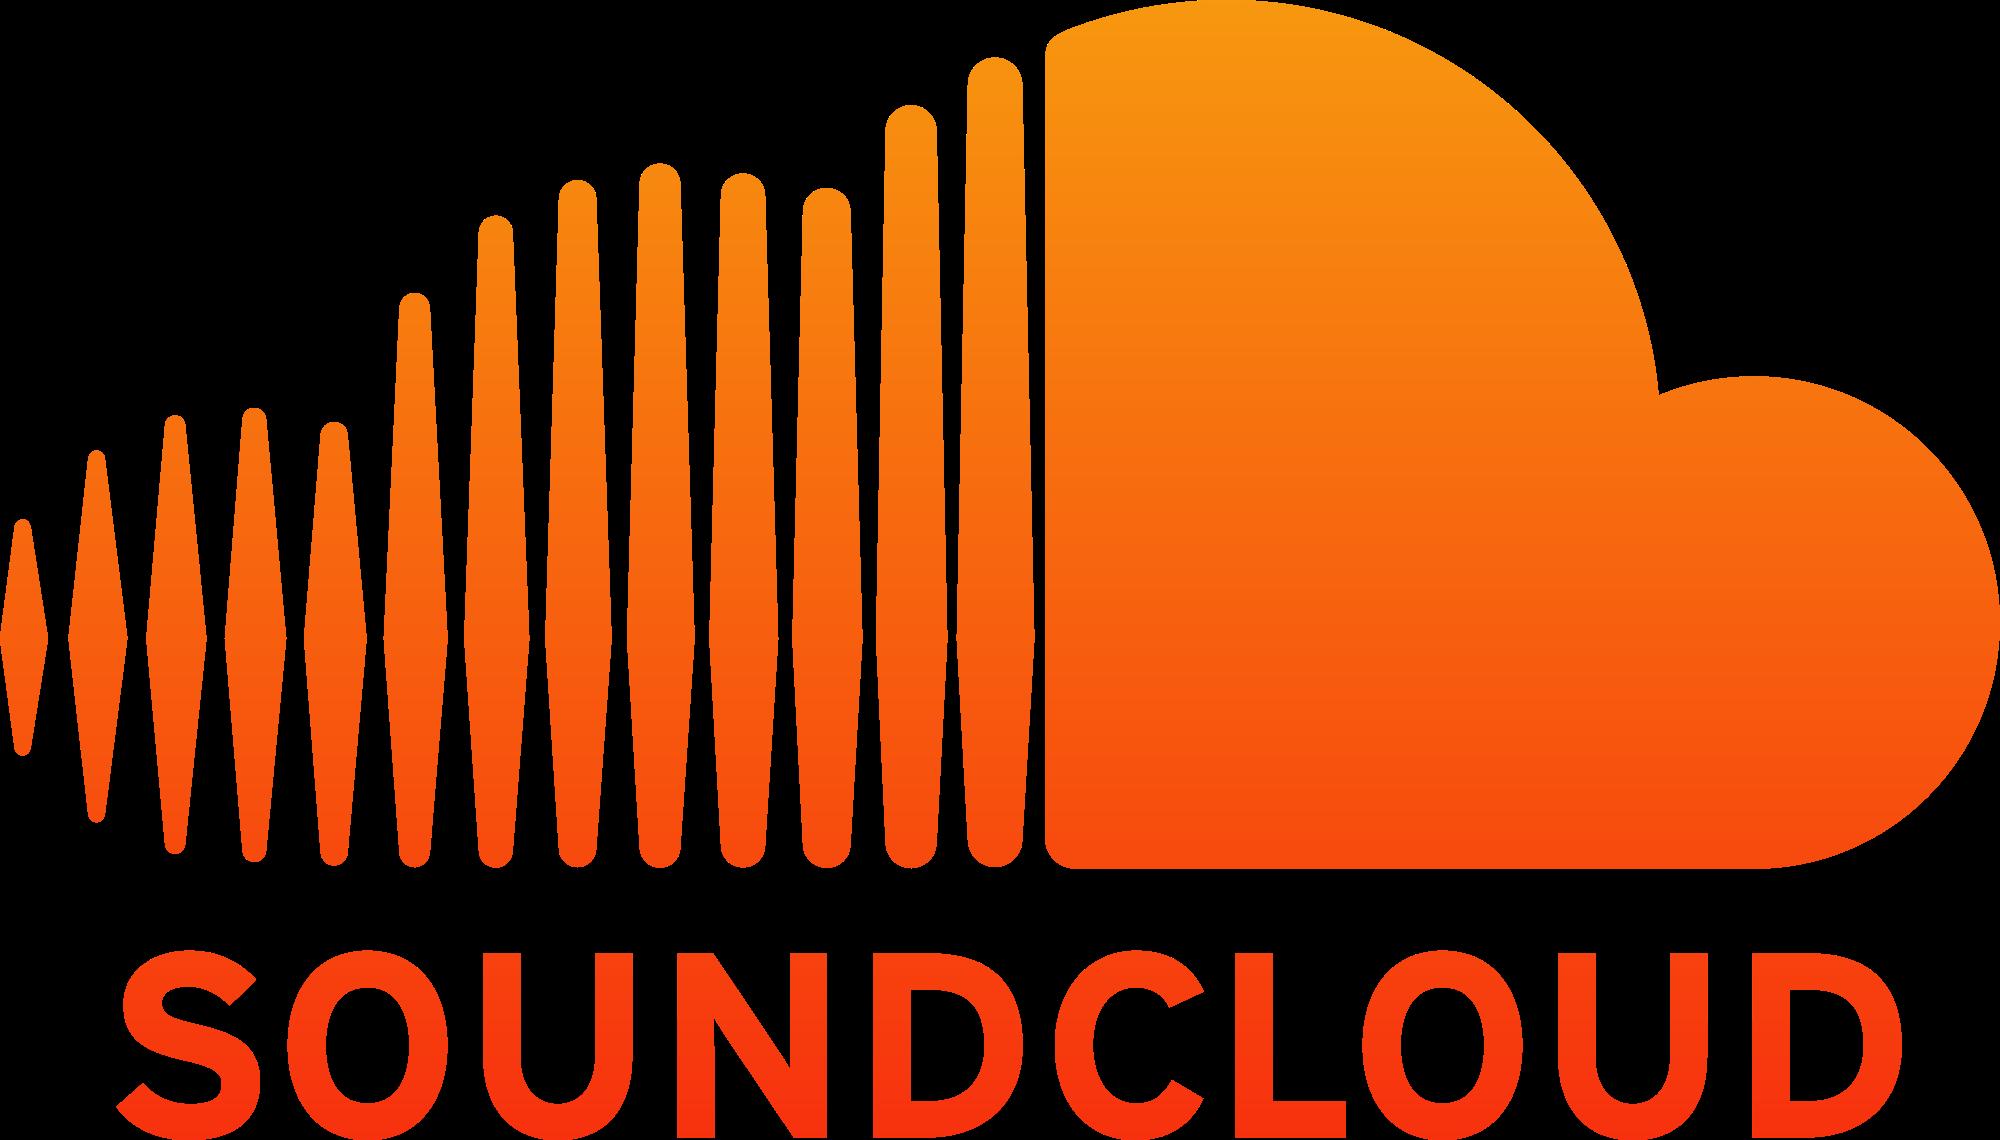 SOUNDCLOUD LUSION